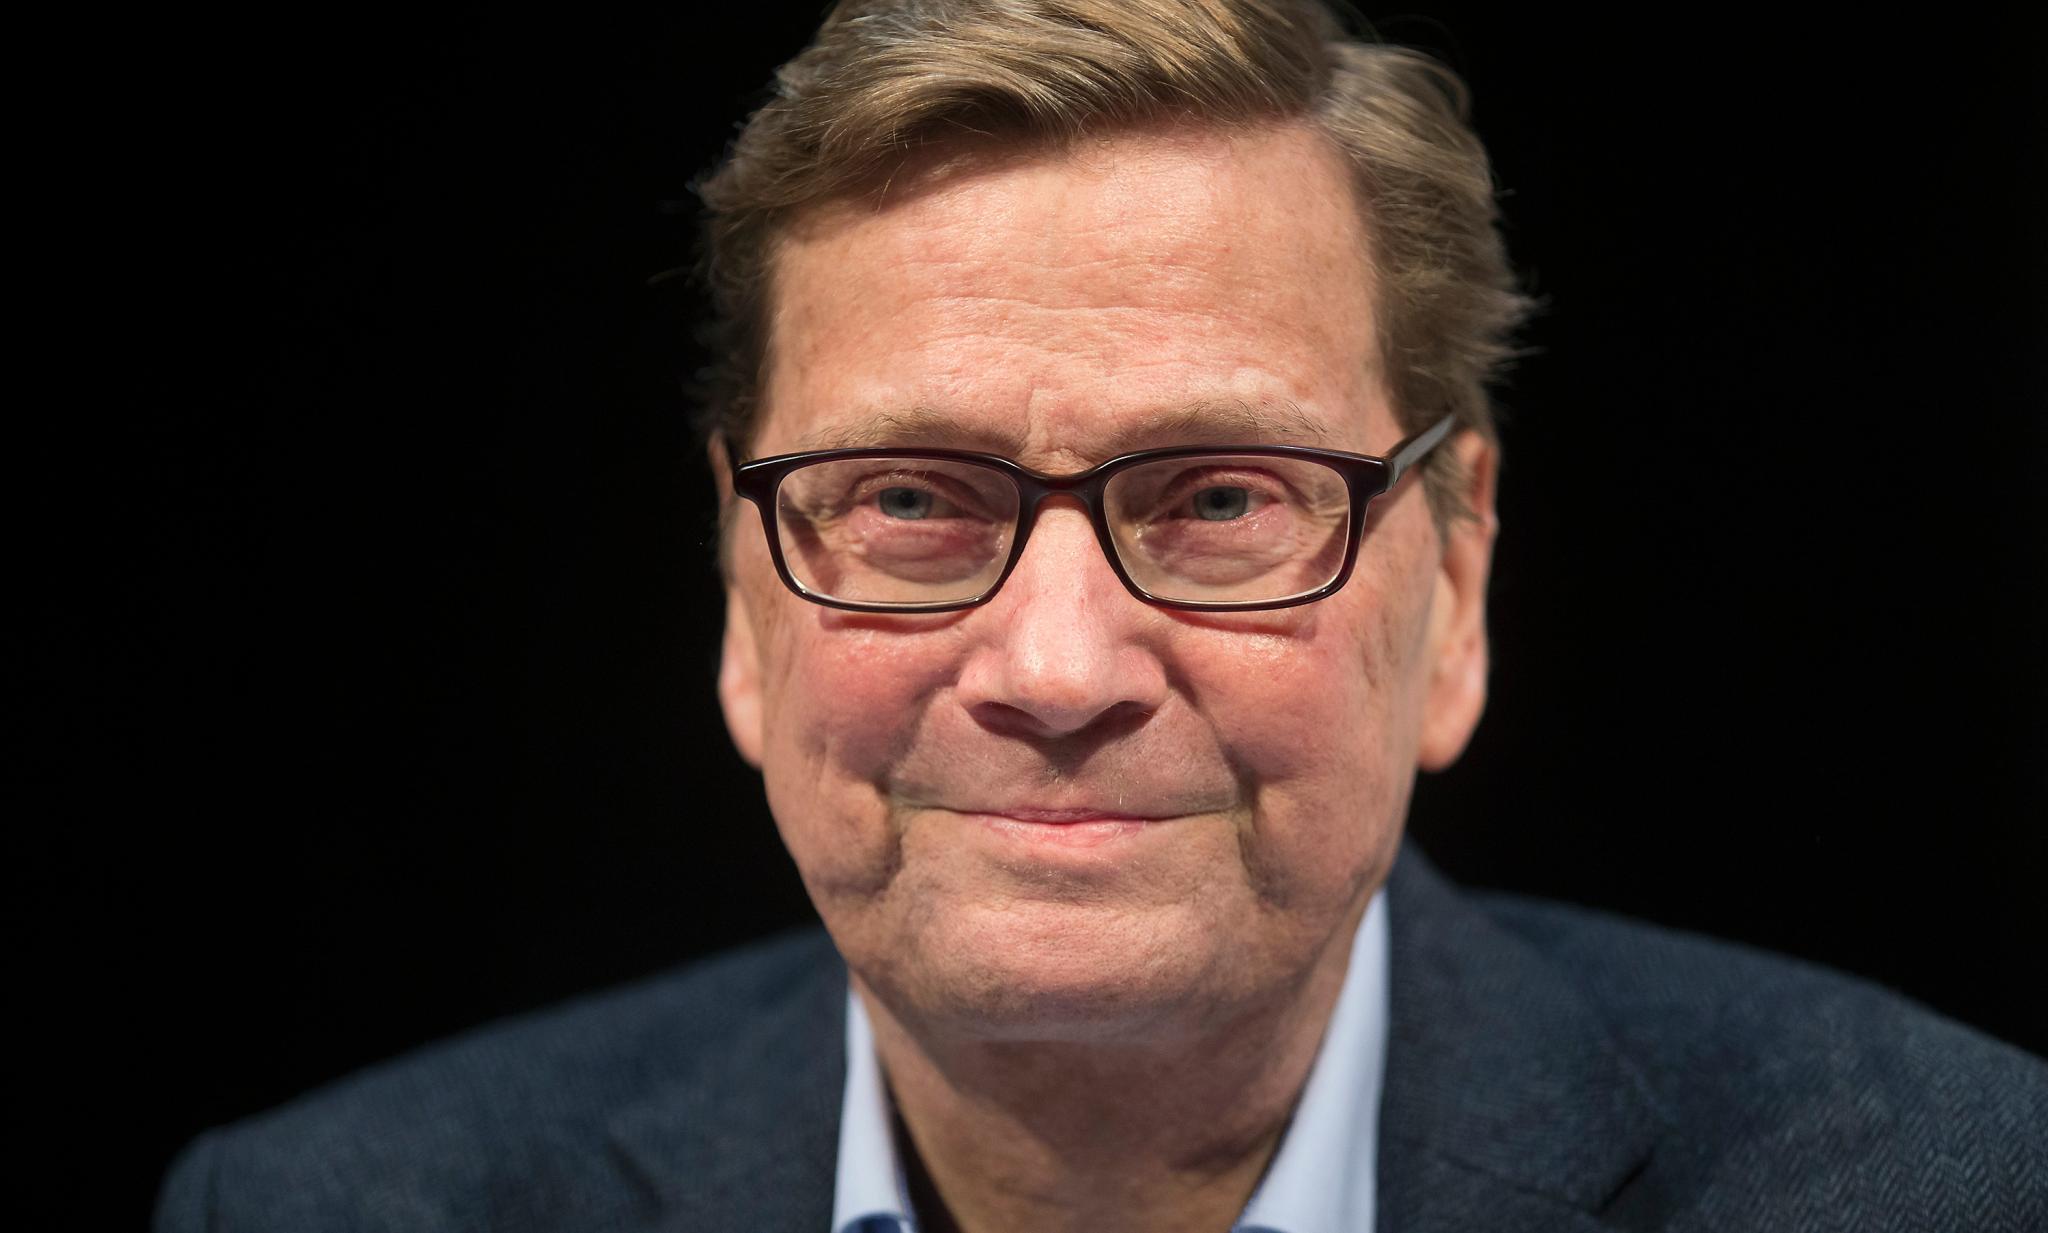 Guido Westerwelle  Sein erstes Jahr im neuen Leben: Guido Westerwelle kämpft tapfer gegen die Leukämie